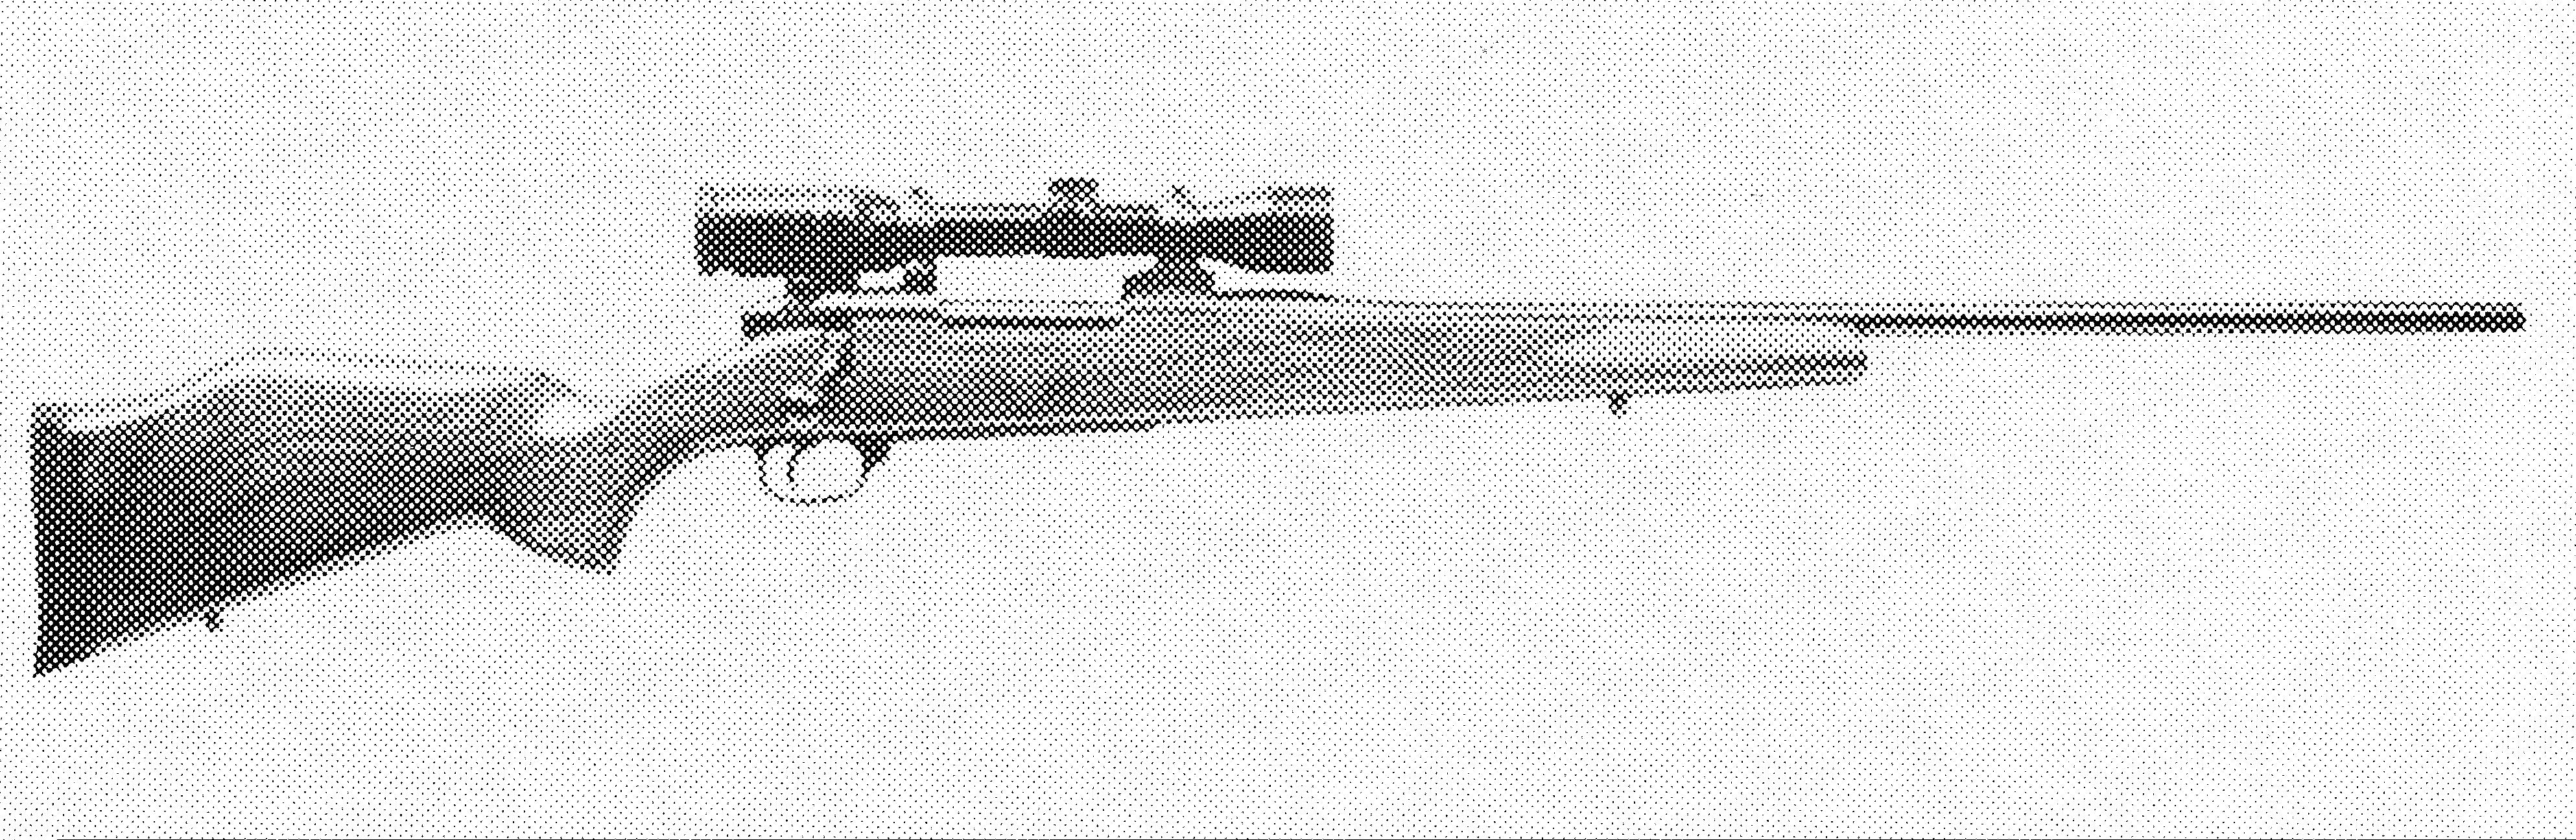 Mark V Sporter